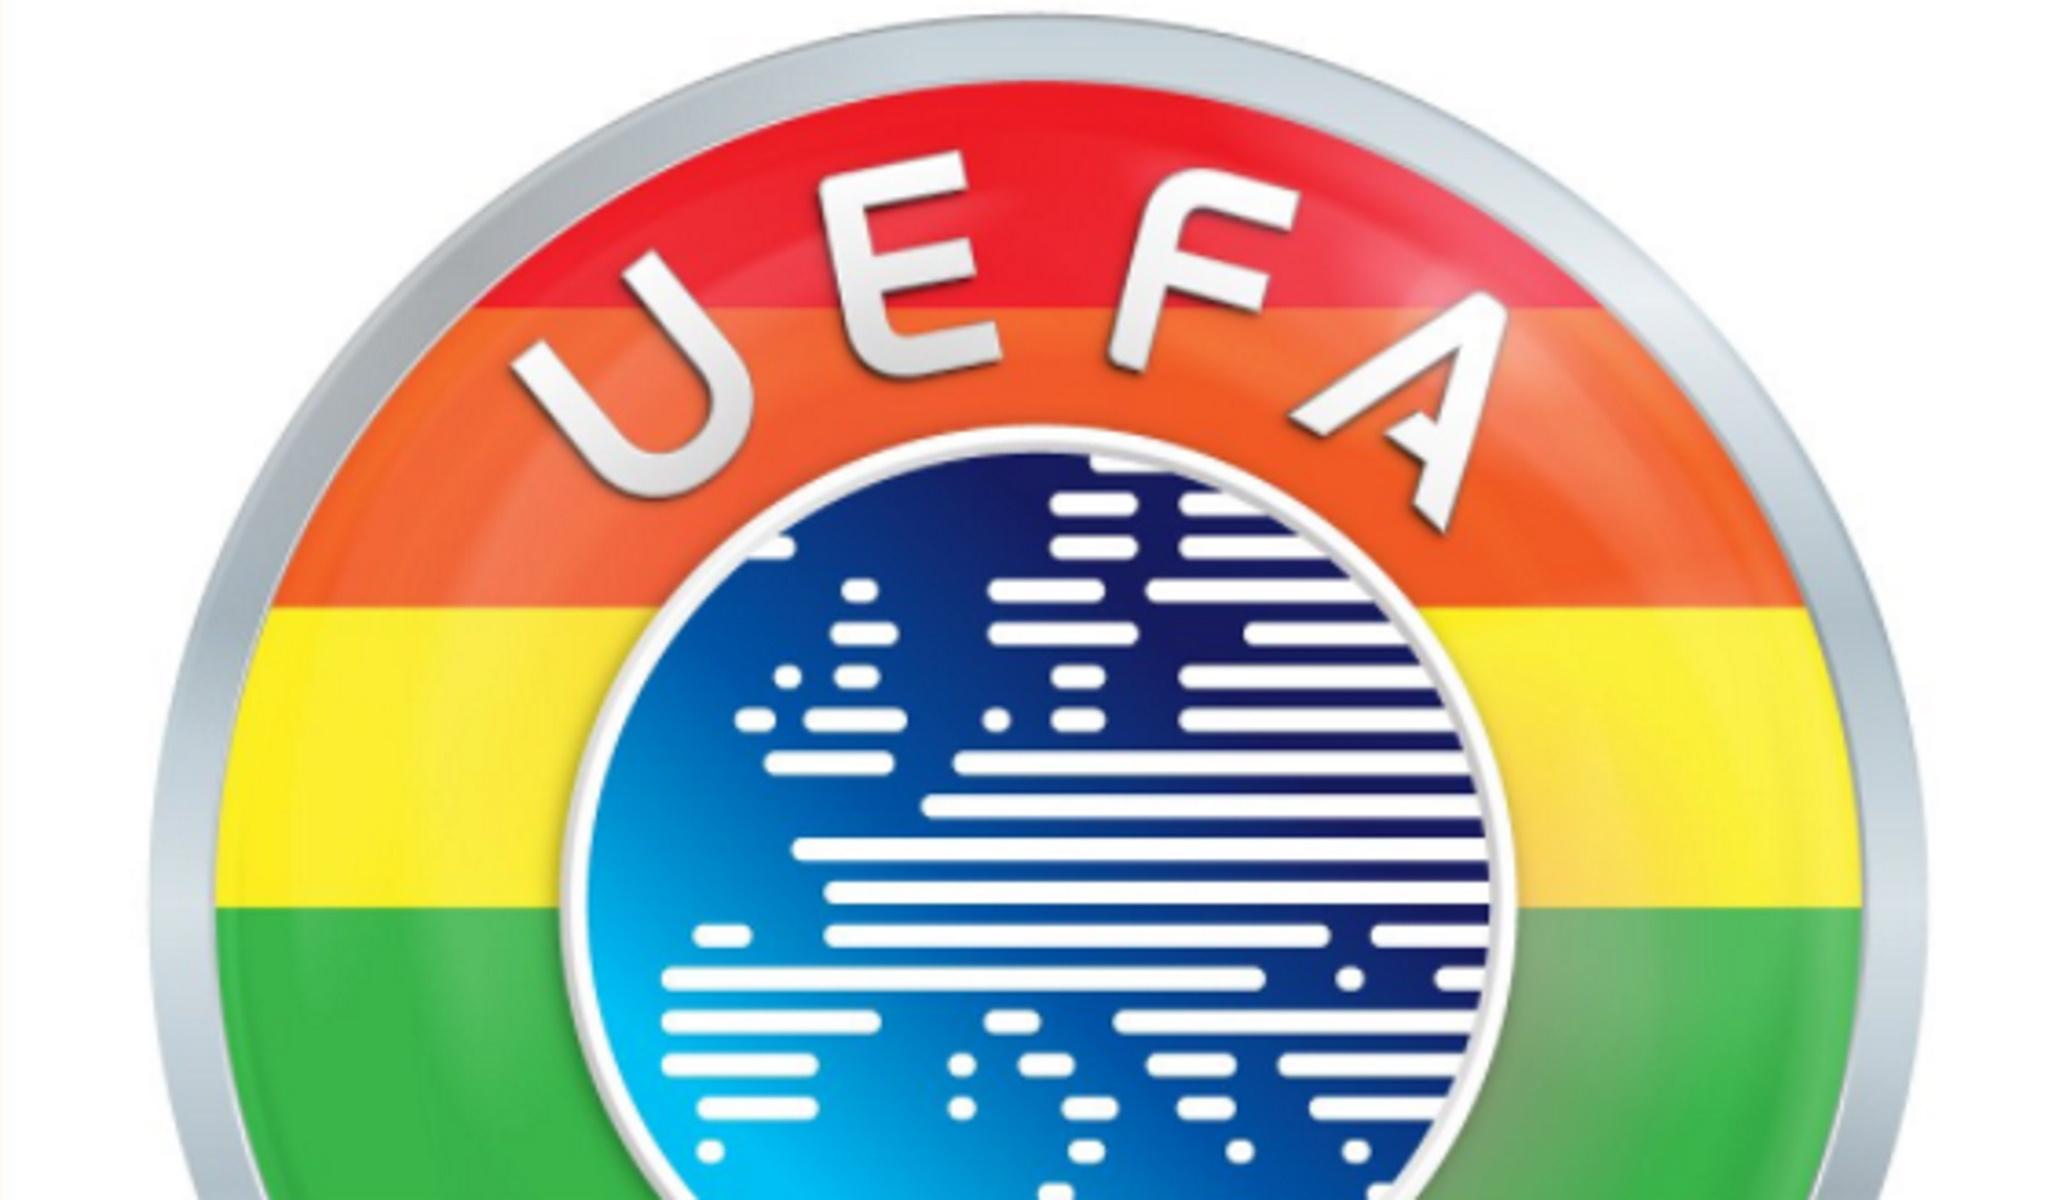 Η UEFA «έβαψε» το σήμα της στα χρώματα του ουράνιου τόξου